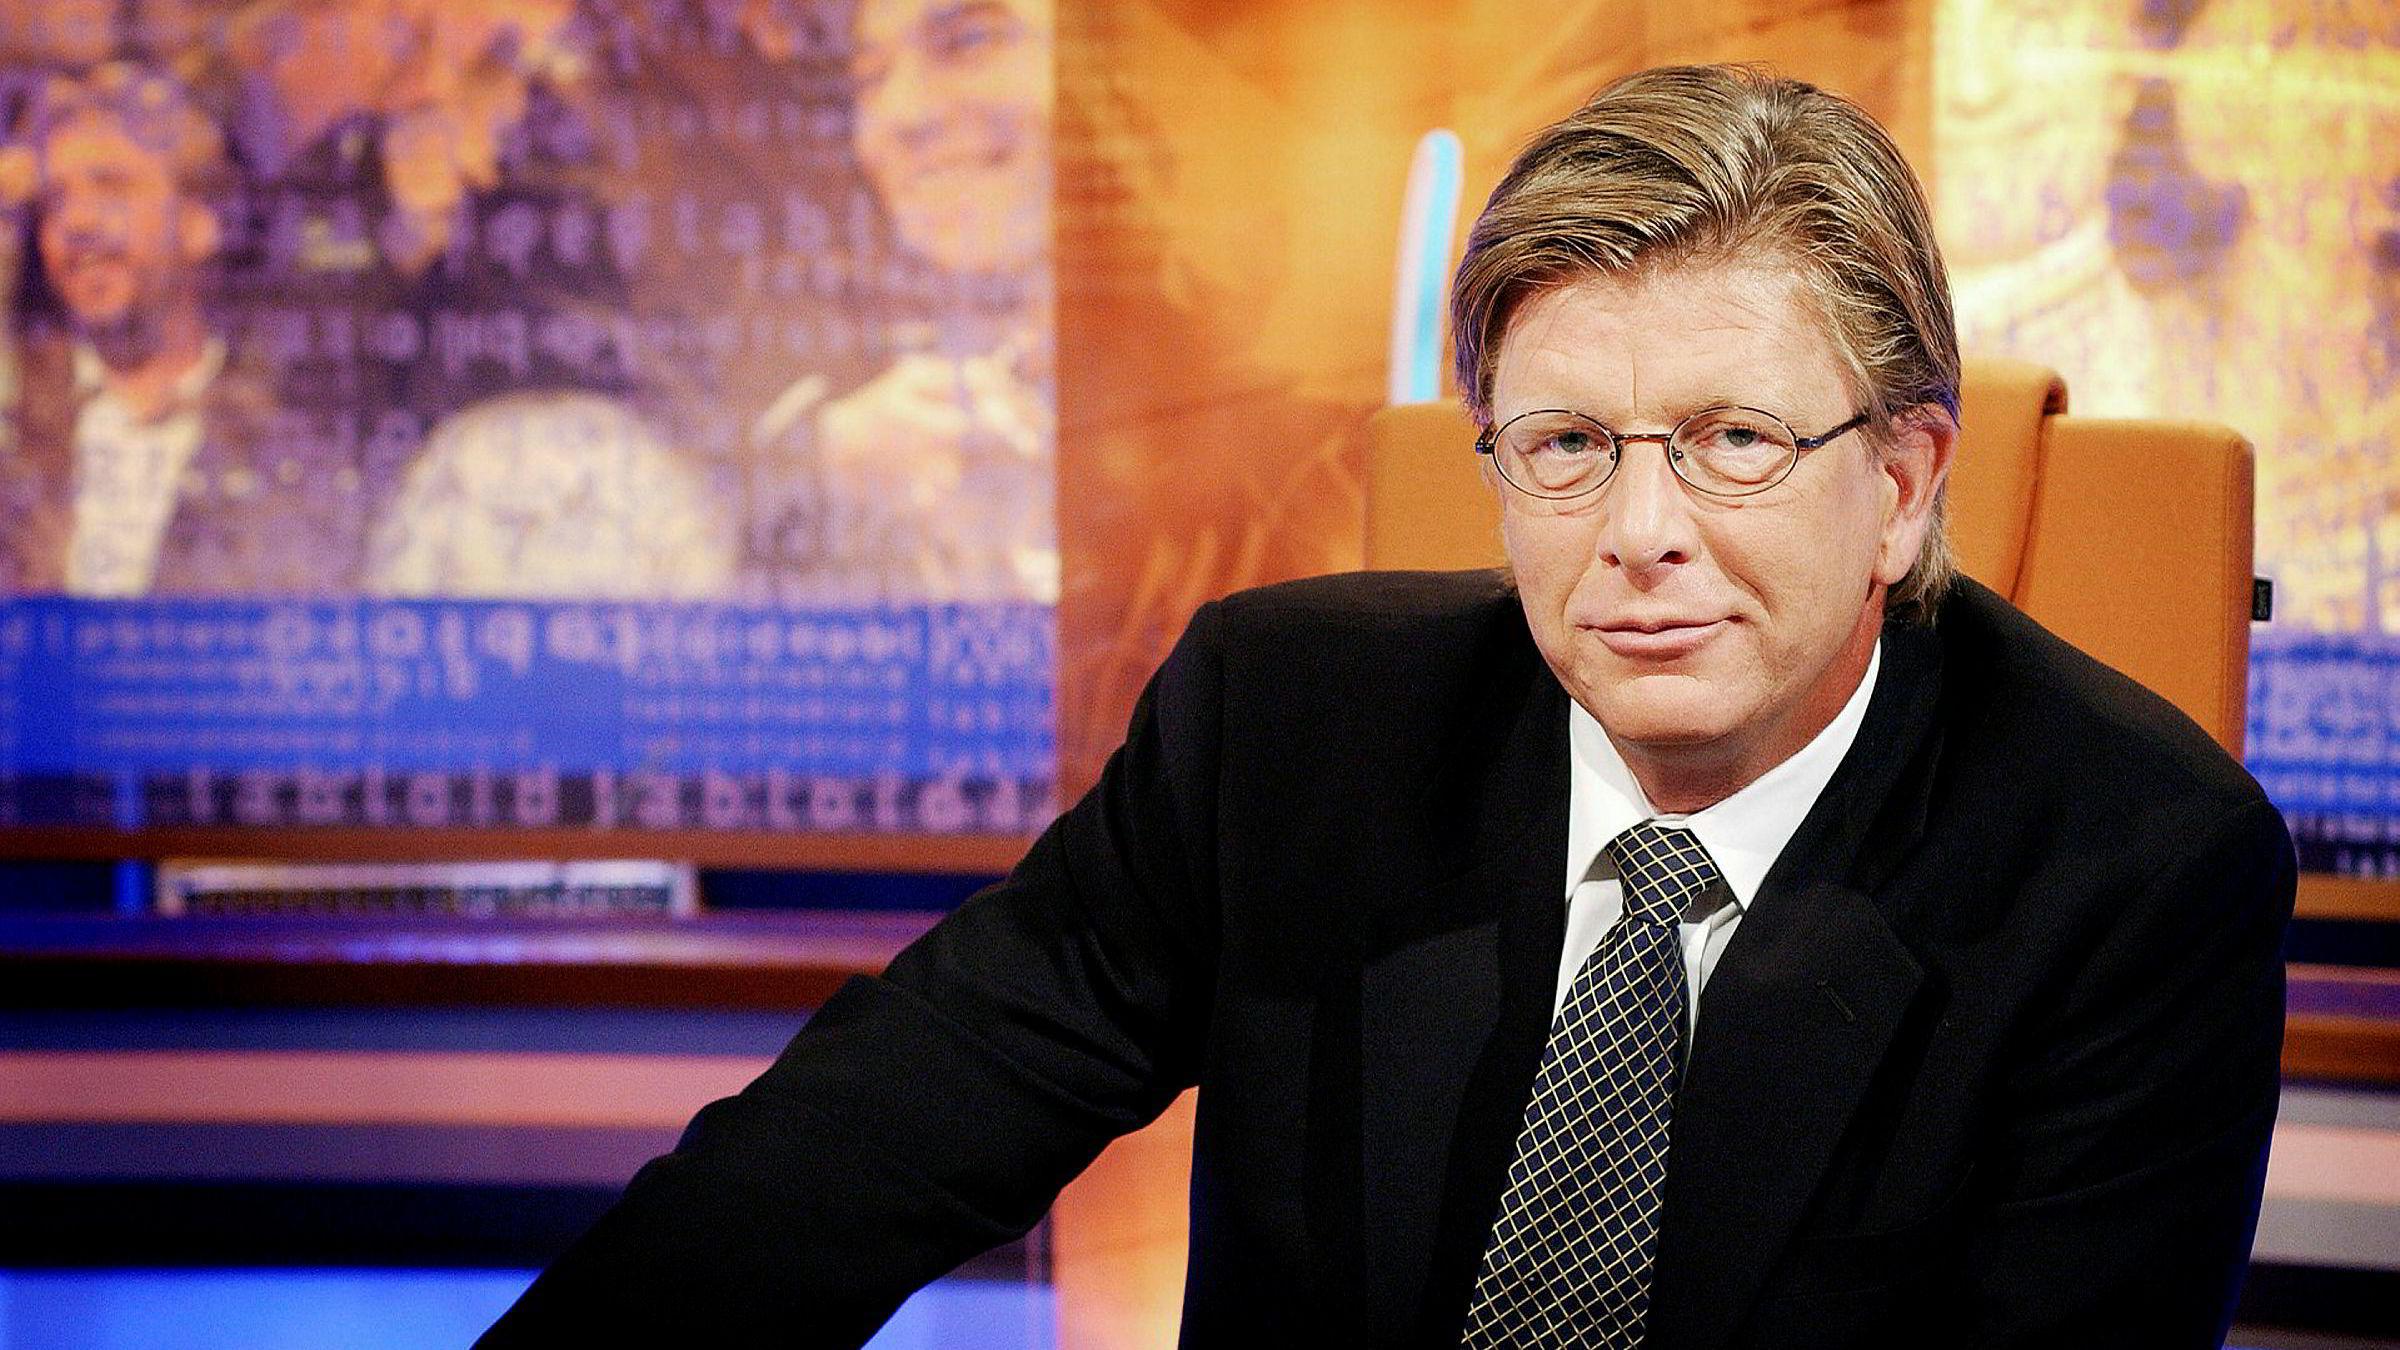 Utenriksreporter i TV 2, Pål T. Jørgensen.